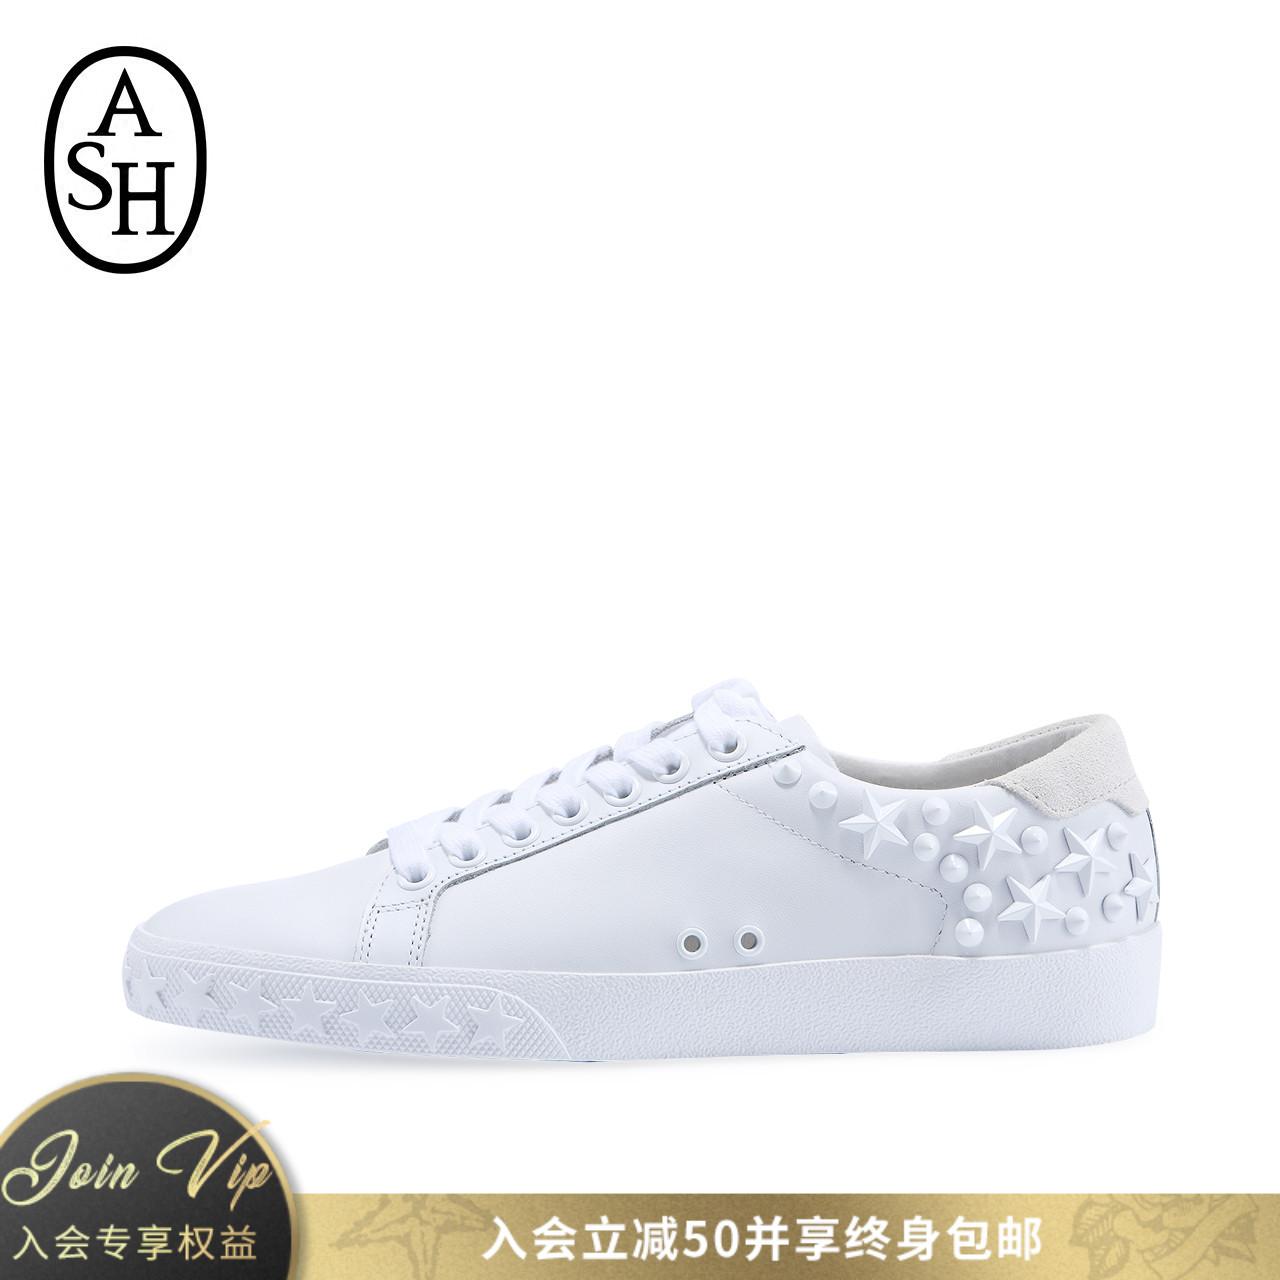 ASH女鞋2018秋季新款DAZED系列星星铆钉休闲运动低帮单鞋小白鞋